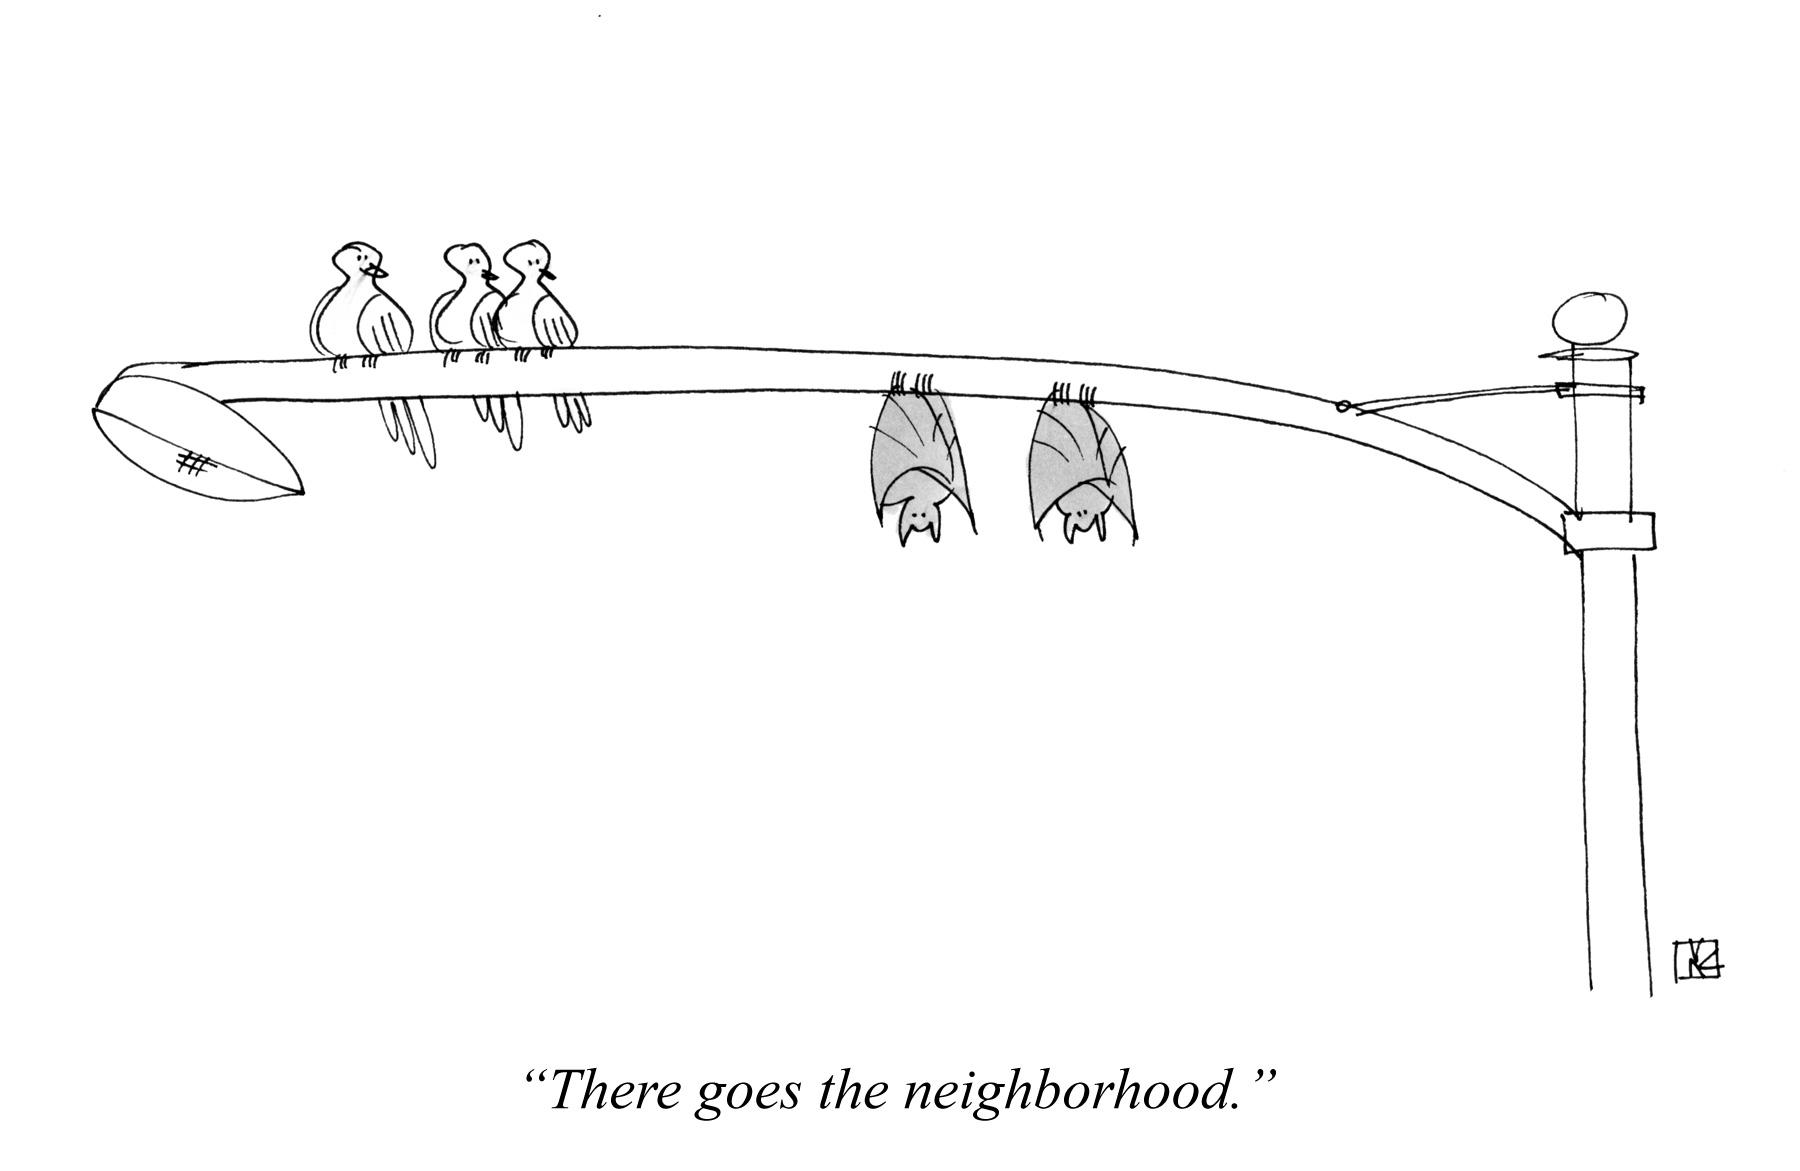 There goes the neighborhood.